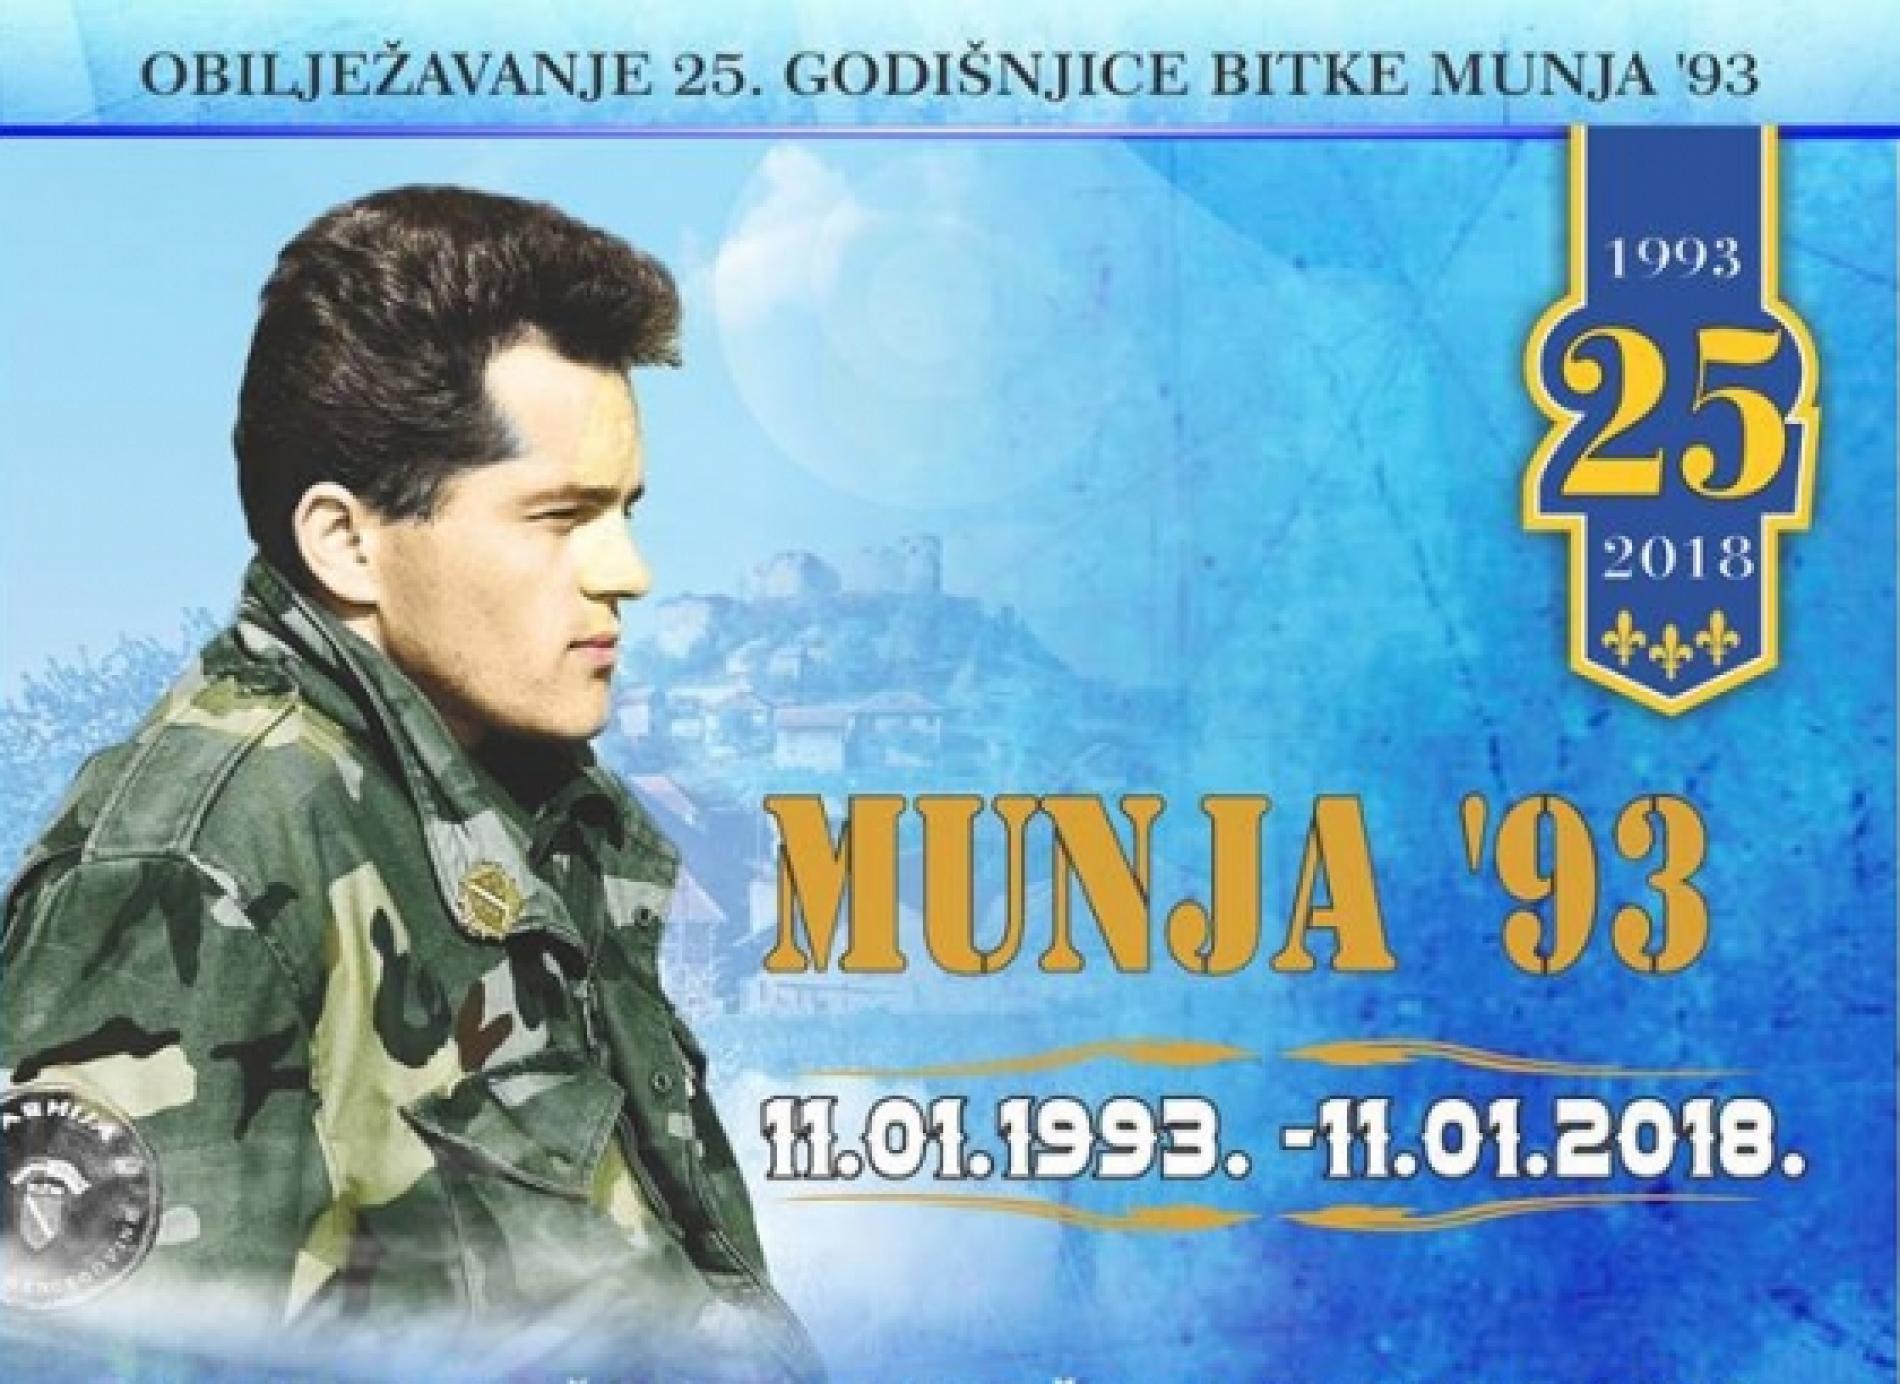 Godišnjica bitke Munja '93